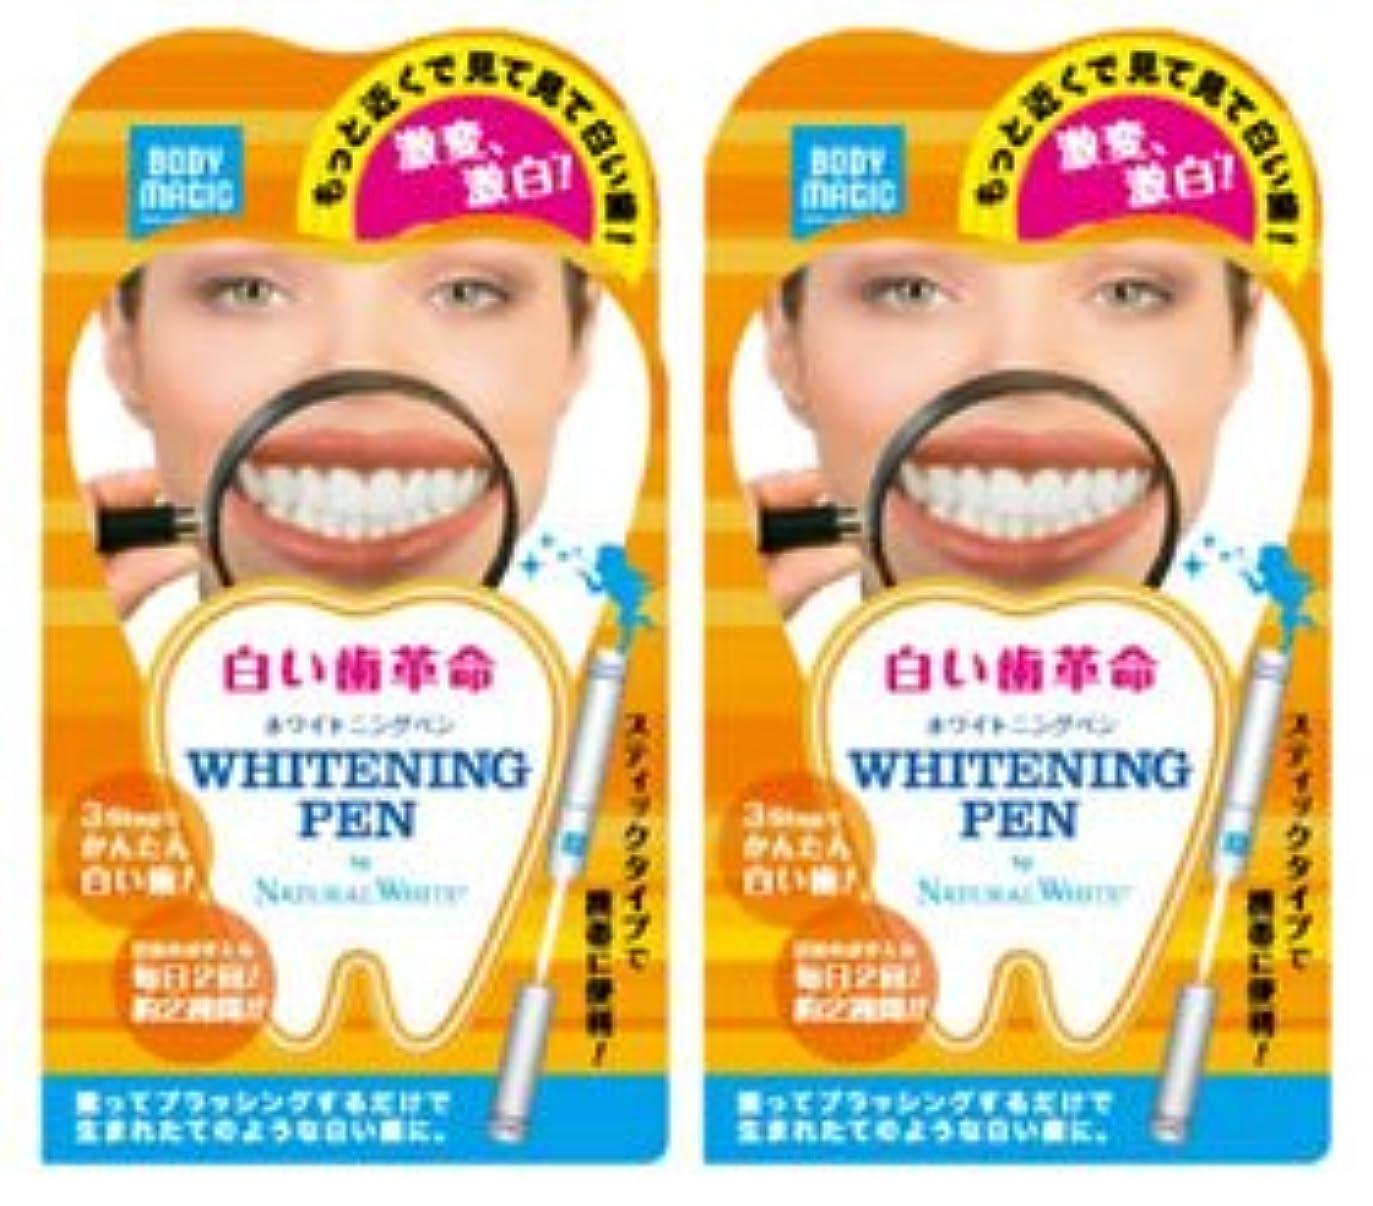 道デンマークオーチャード《セット販売》 ナチュラルホワイト ボディマジック ホワイトニングペン 2個セット 【白い歯革命】 ラピッドホワイトBスティック 【ジェルハミガキ】